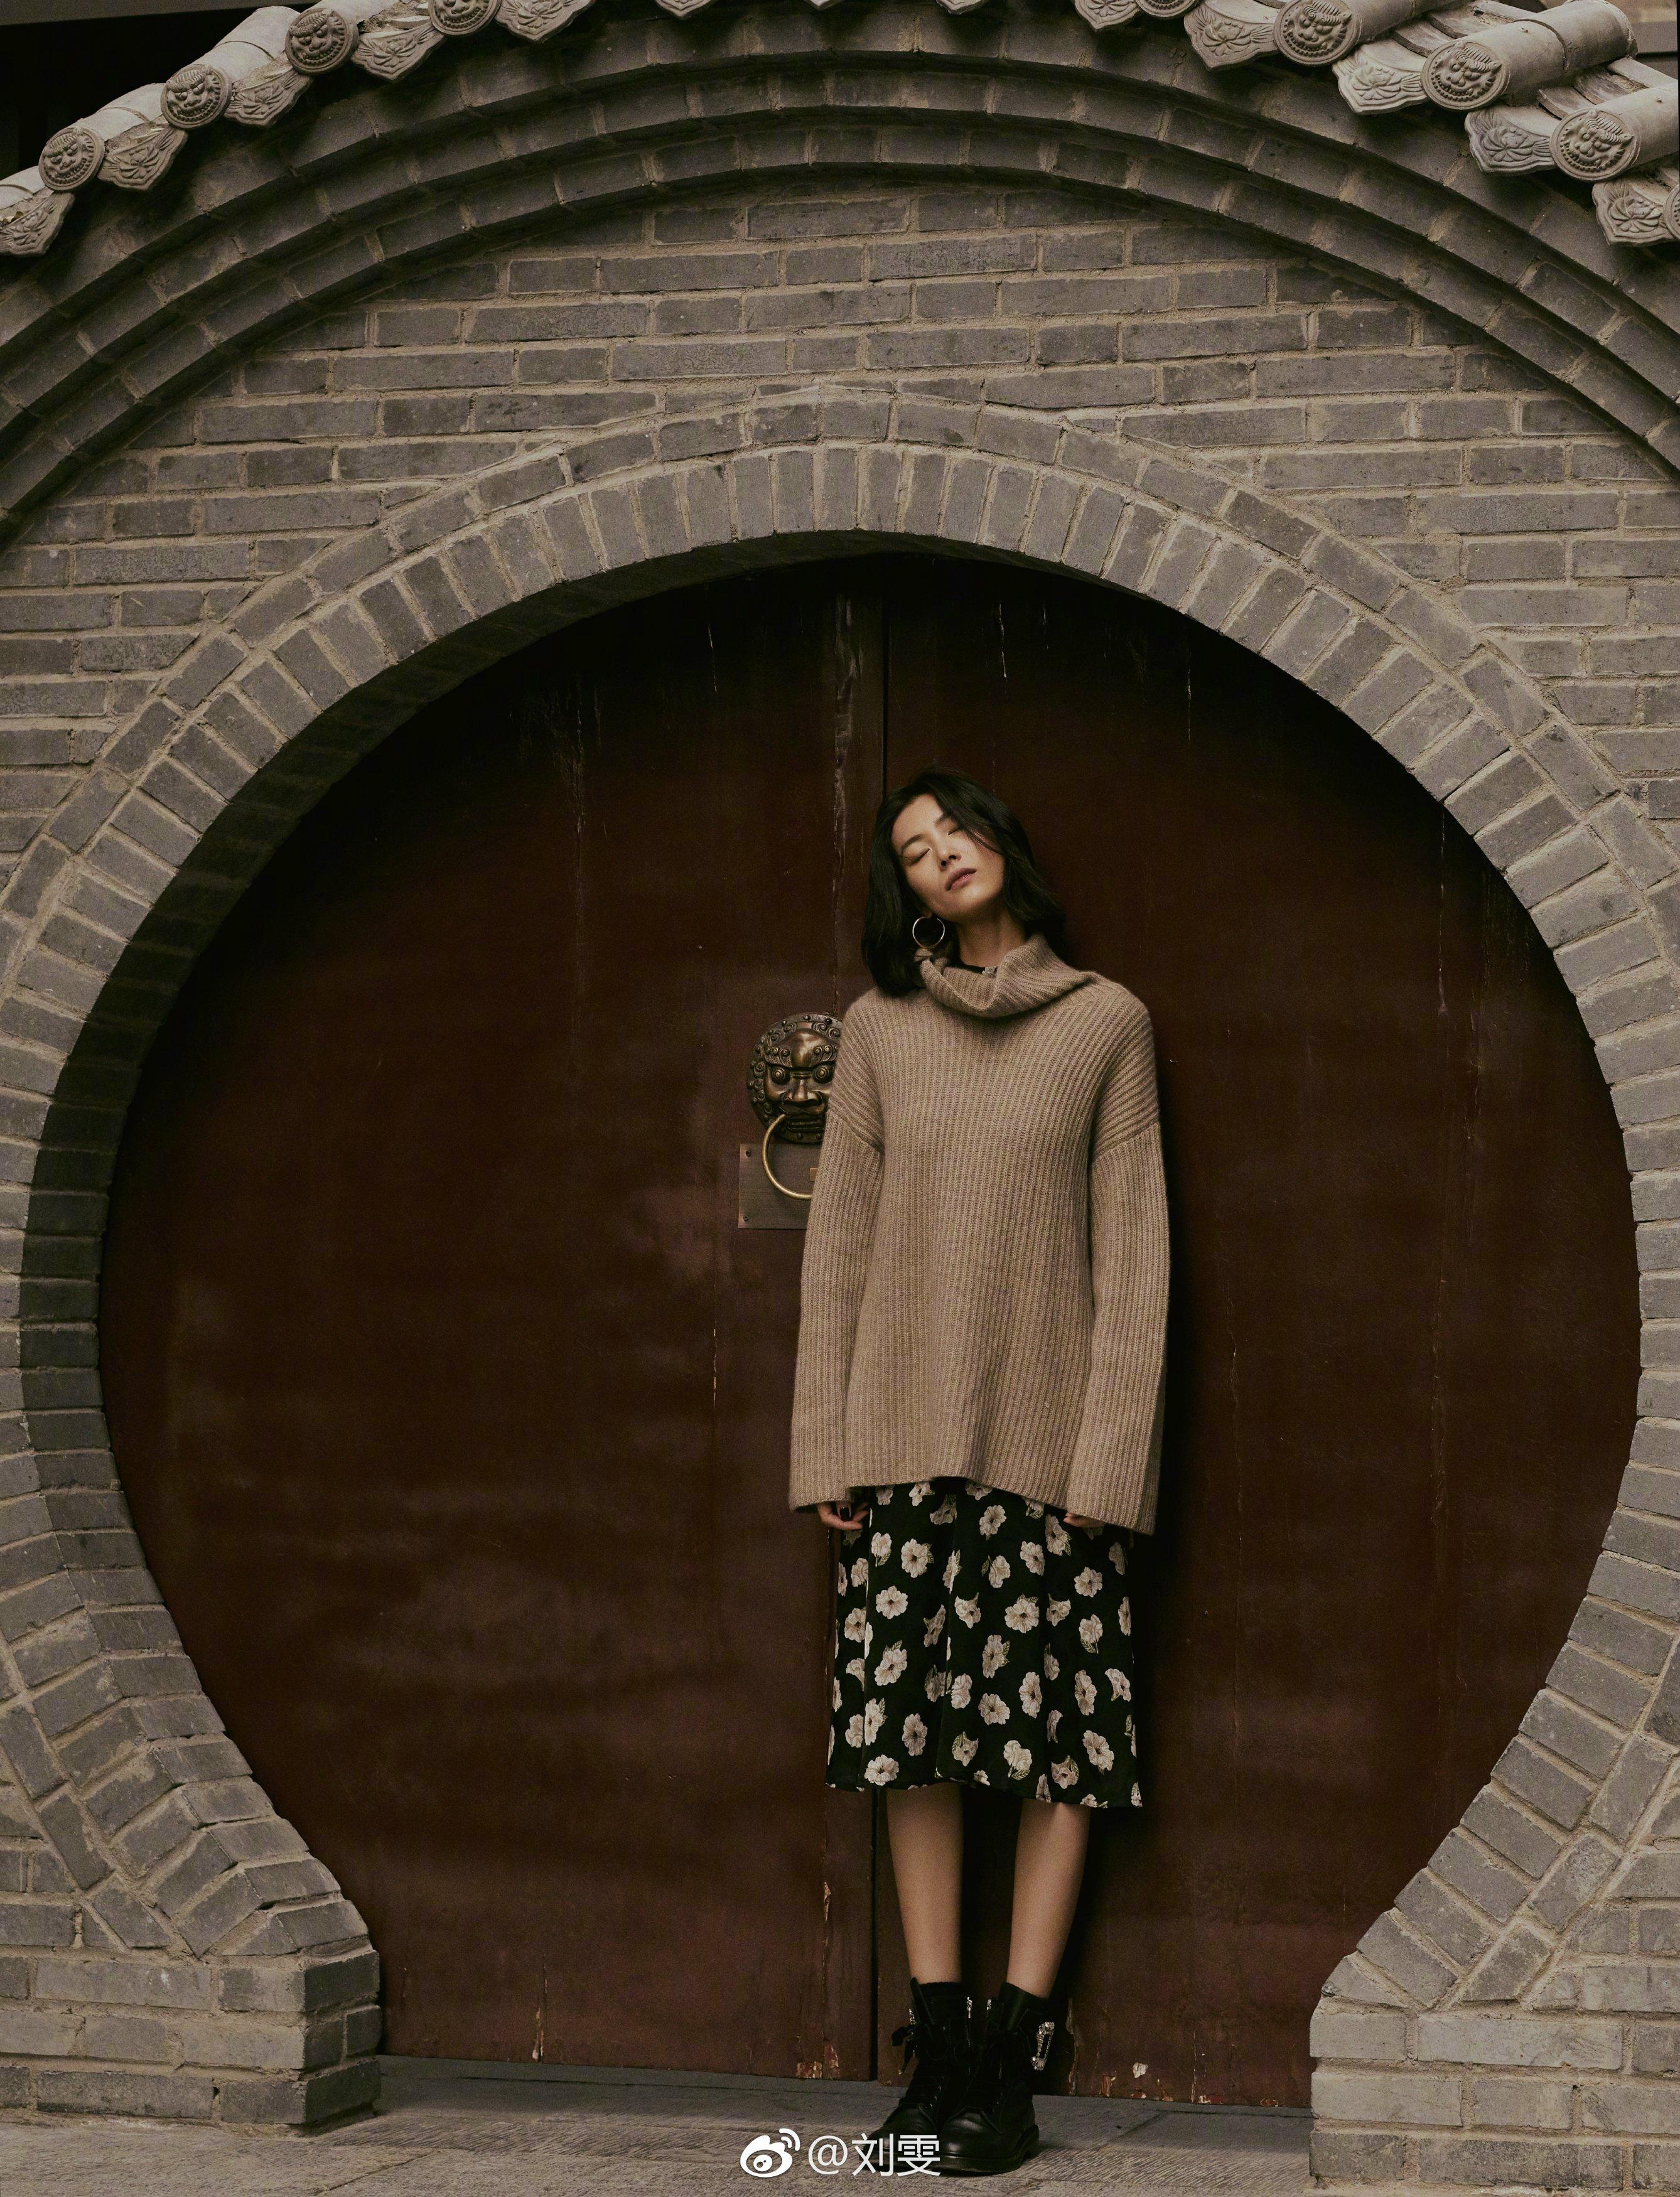 刘雯在毛衣里面套连衣裙美得好高级,400块却穿出40000块的大牌感